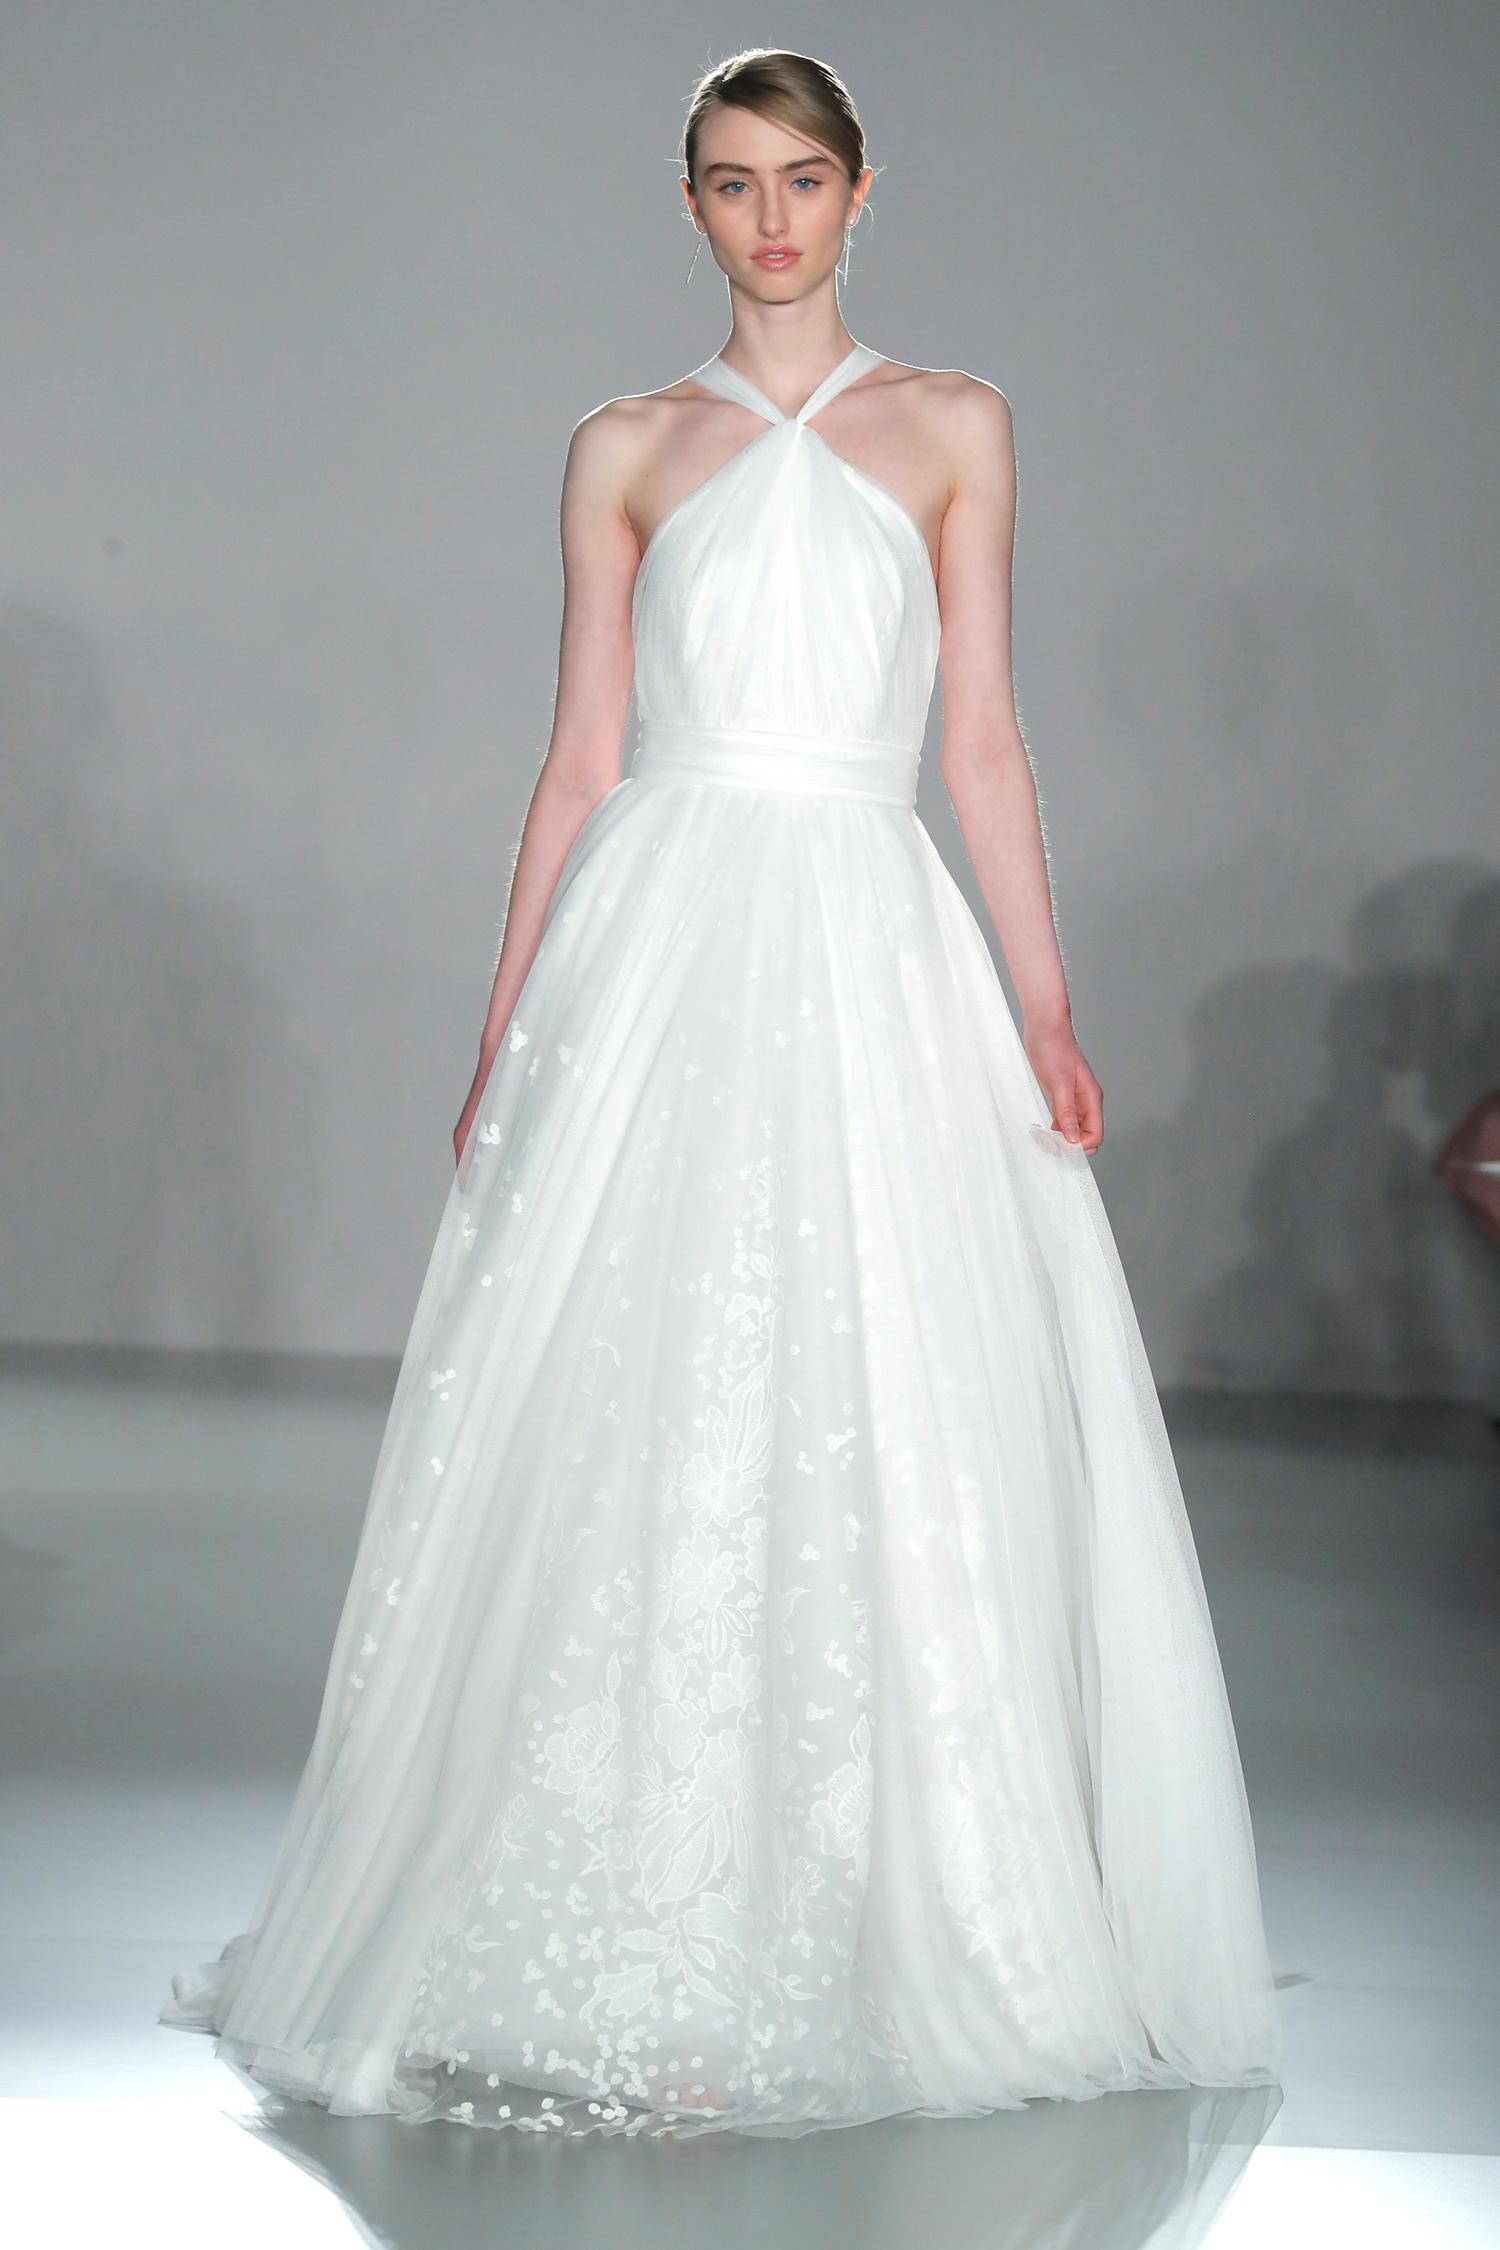 nouvelle amsale halter a-line wedding dress spring 2020